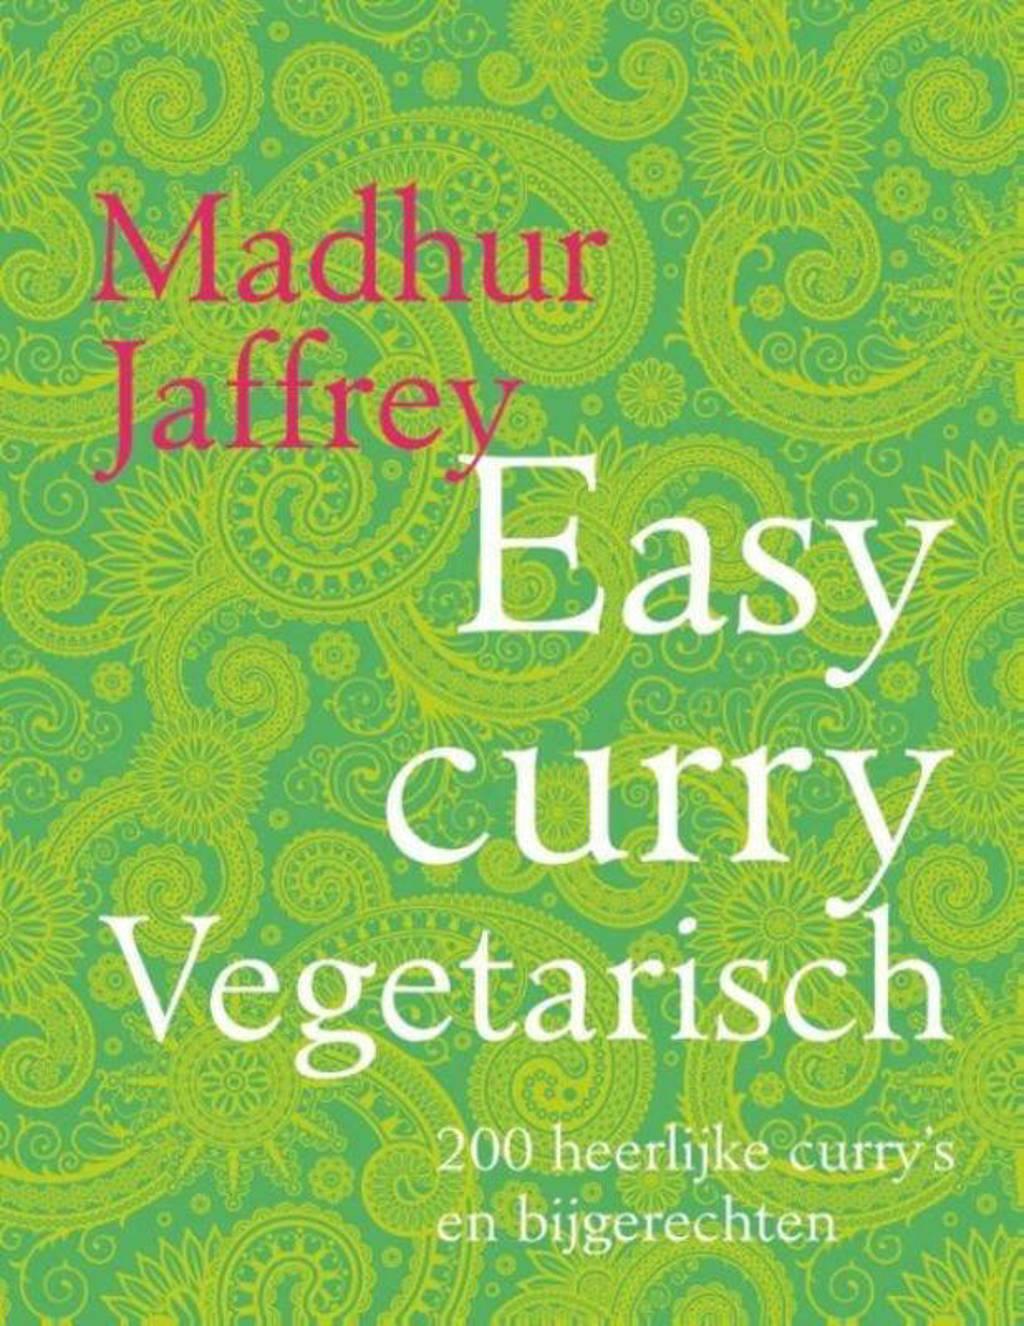 Easy curry Vegetarisch - Madhur Jaffrey